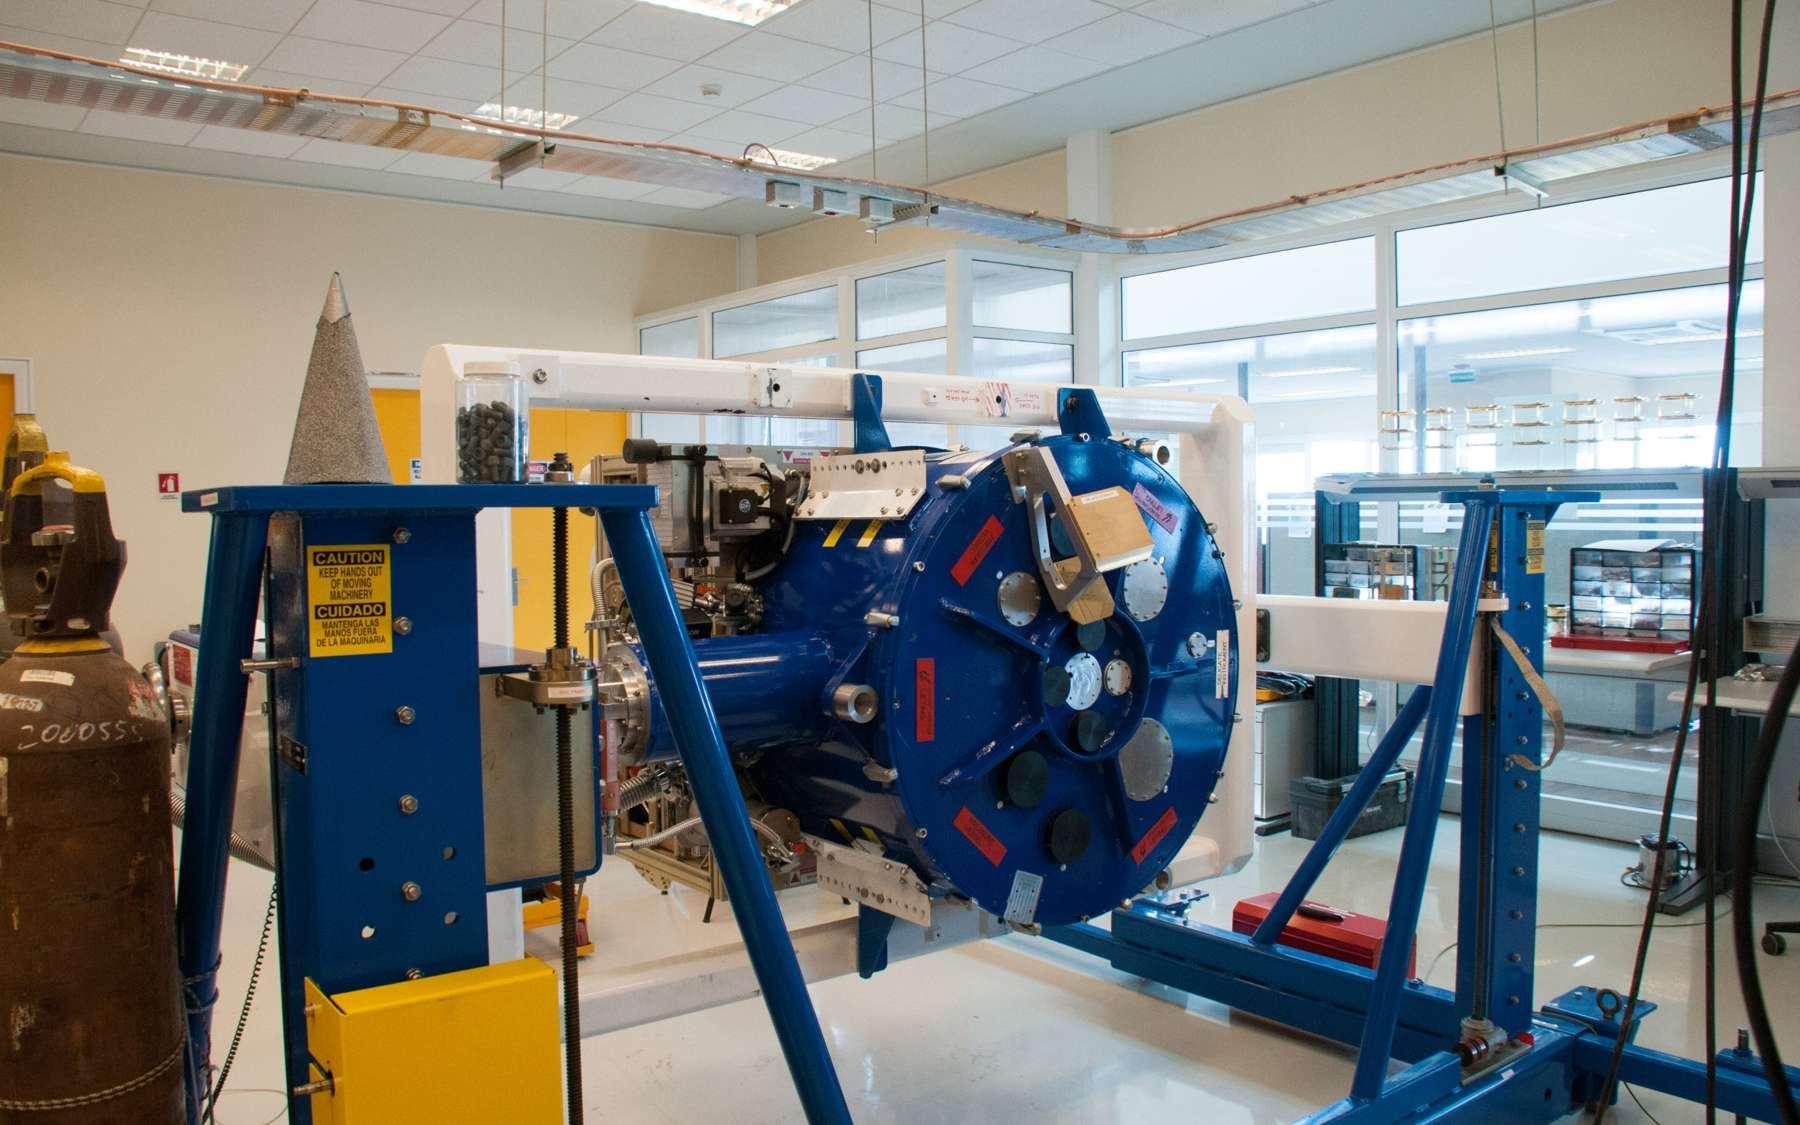 Le cryostat avant son installation sur l'instrument. Des trappes occultent les fenêtres sur lesquelles seront fixés les récepteurs. © Rémy Decourt